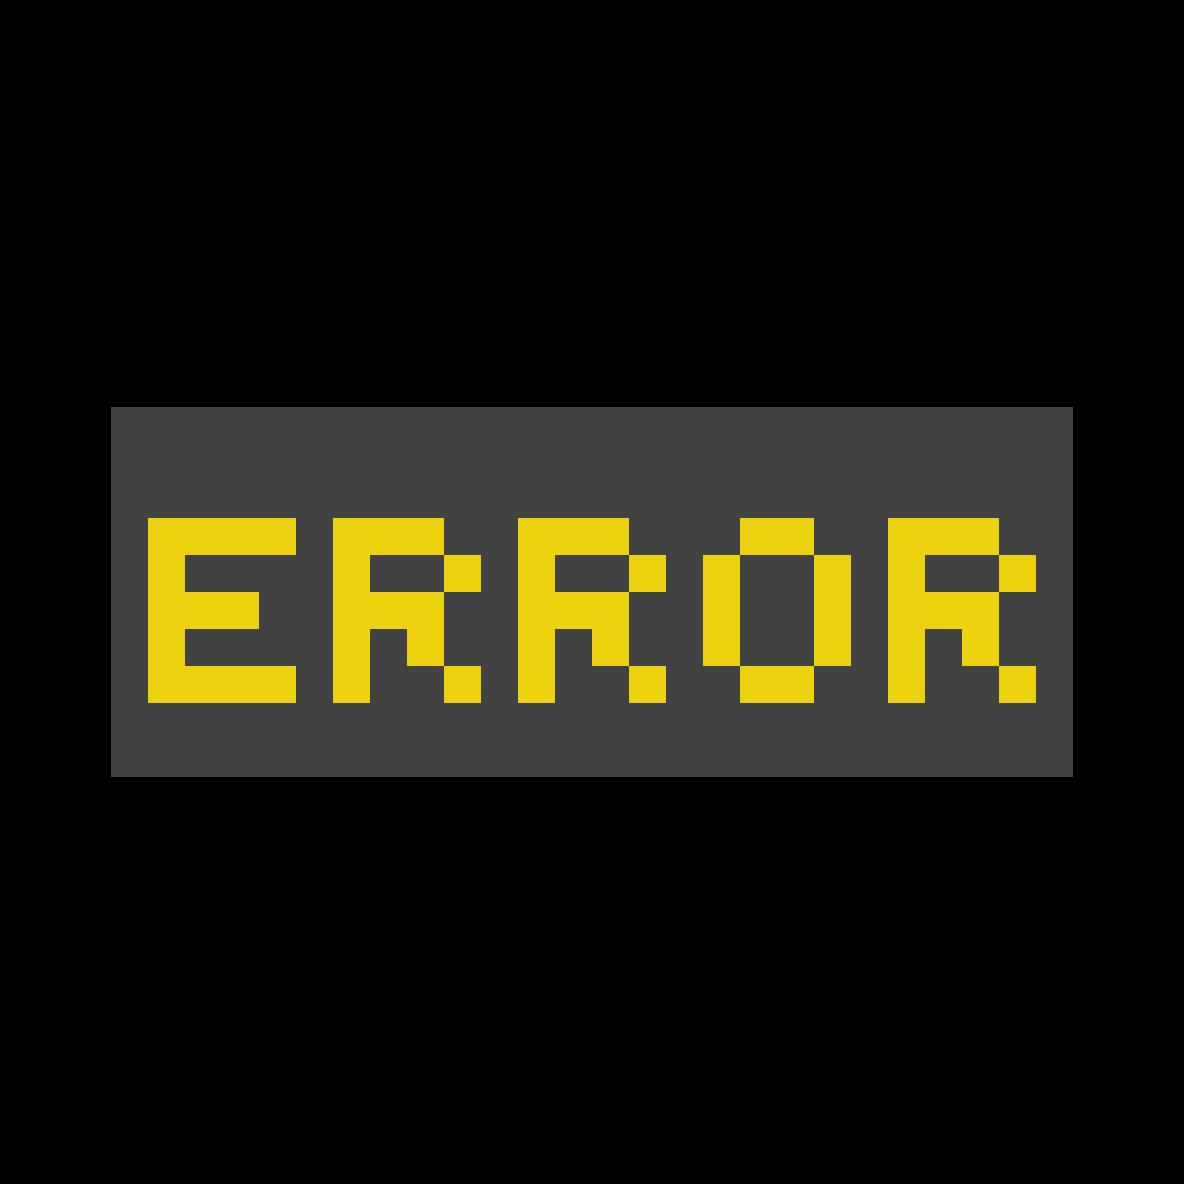 Error by balderasdiiana